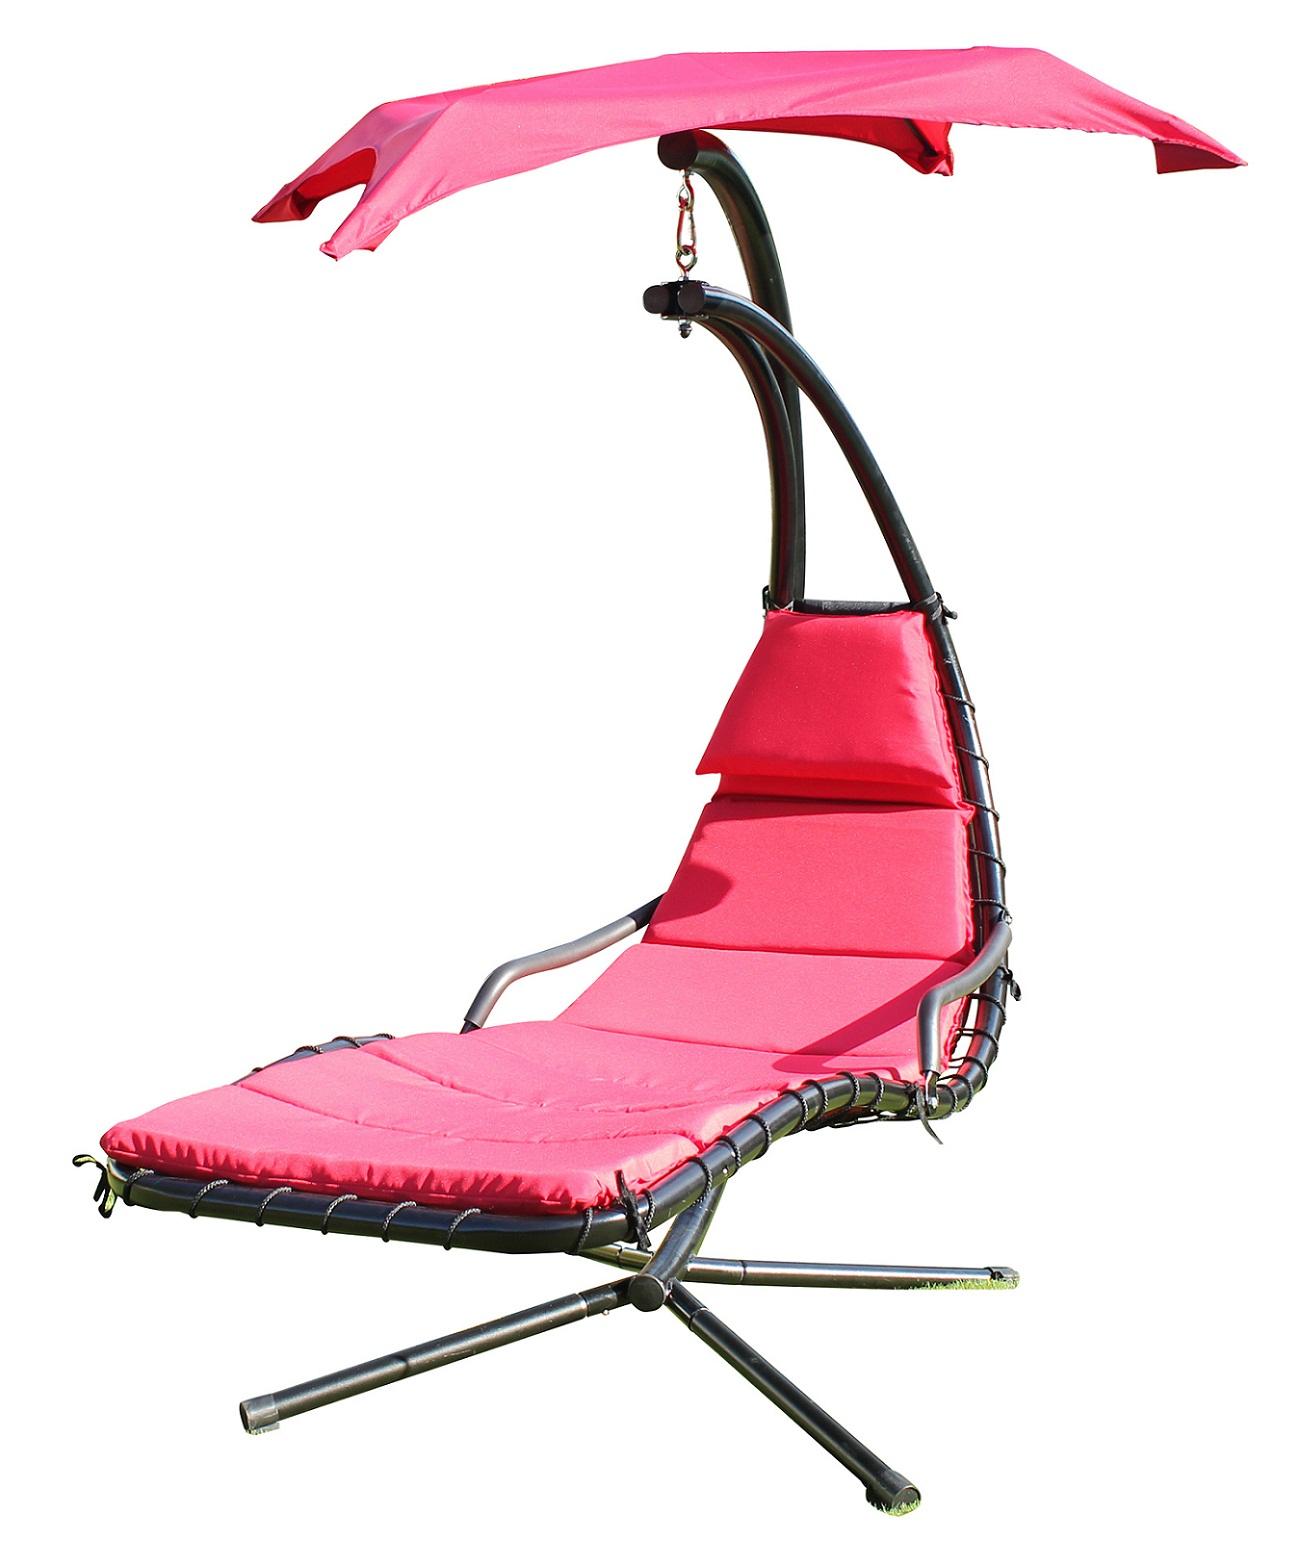 leco schwingliege verschiedene farben sonnenliege gartenliege liege ebay. Black Bedroom Furniture Sets. Home Design Ideas